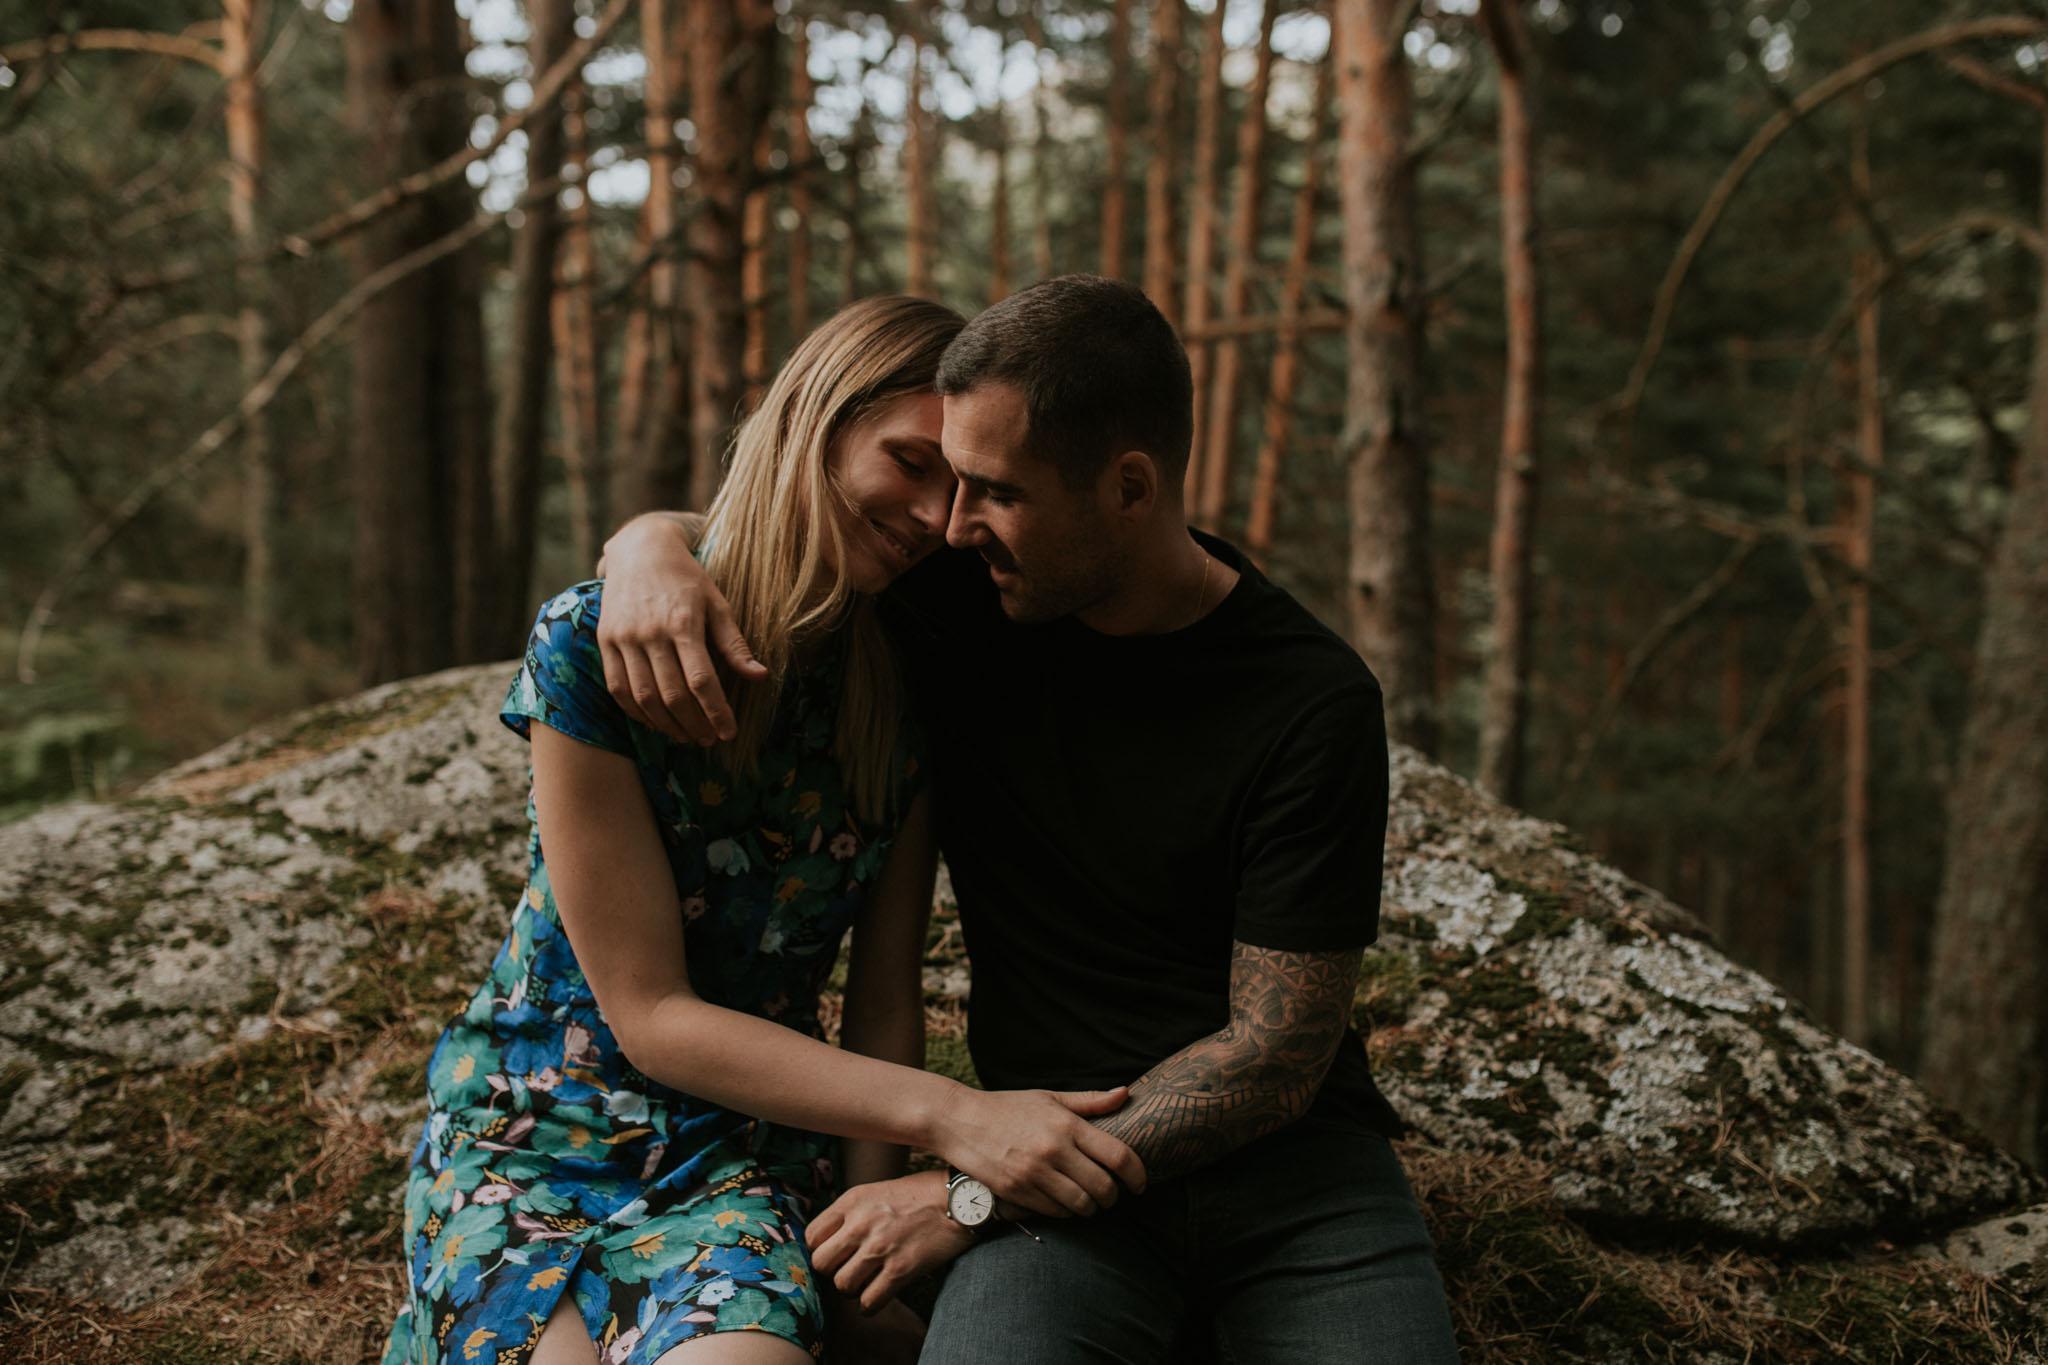 Fotografia pareja bosque 31 Concorazon